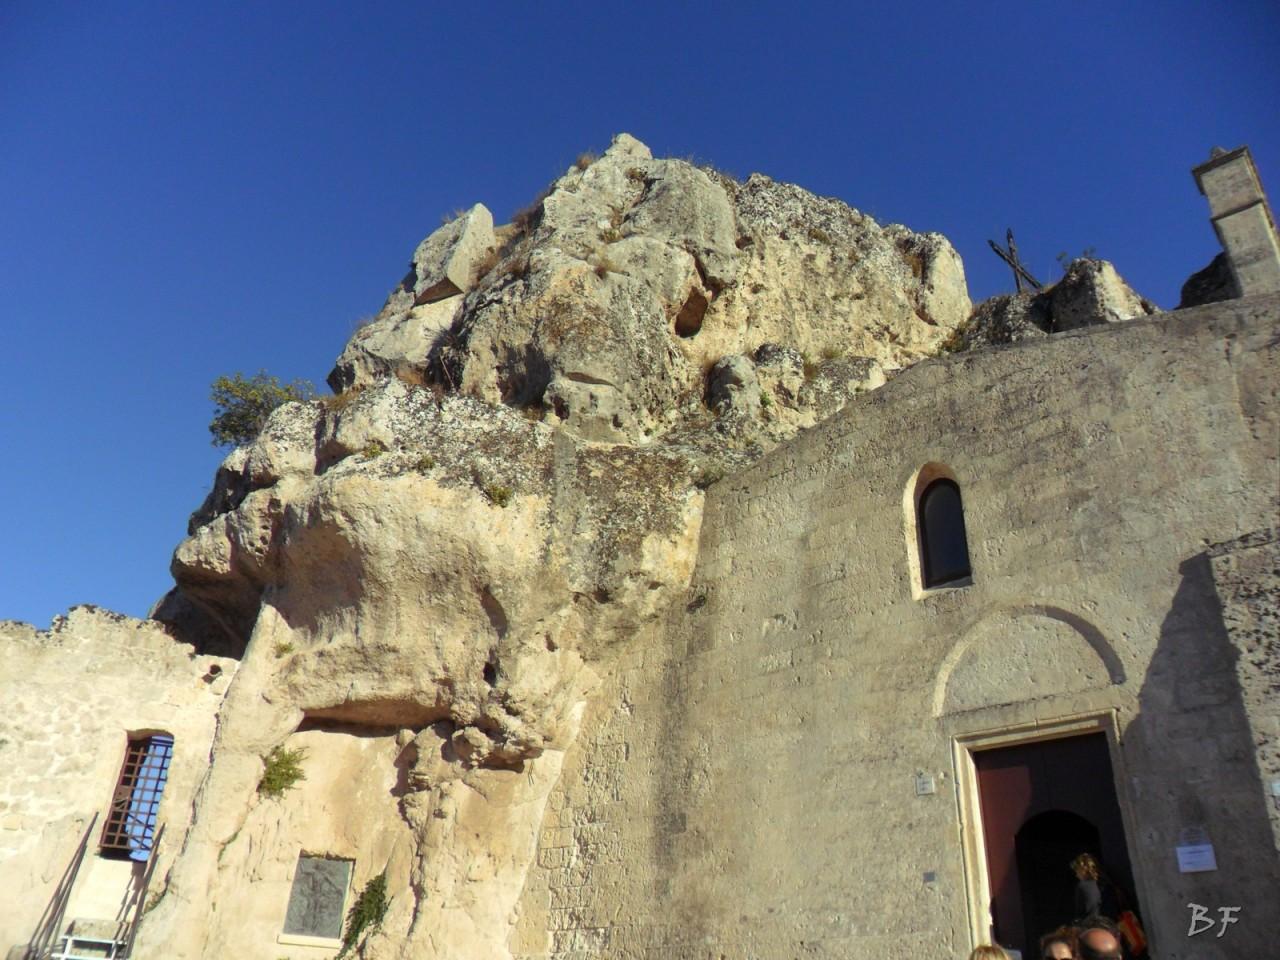 Sasso-Caveoso-Edifici-Rupestri-Megaliti-Sassi-di-Matera-basilicata-Italia-14